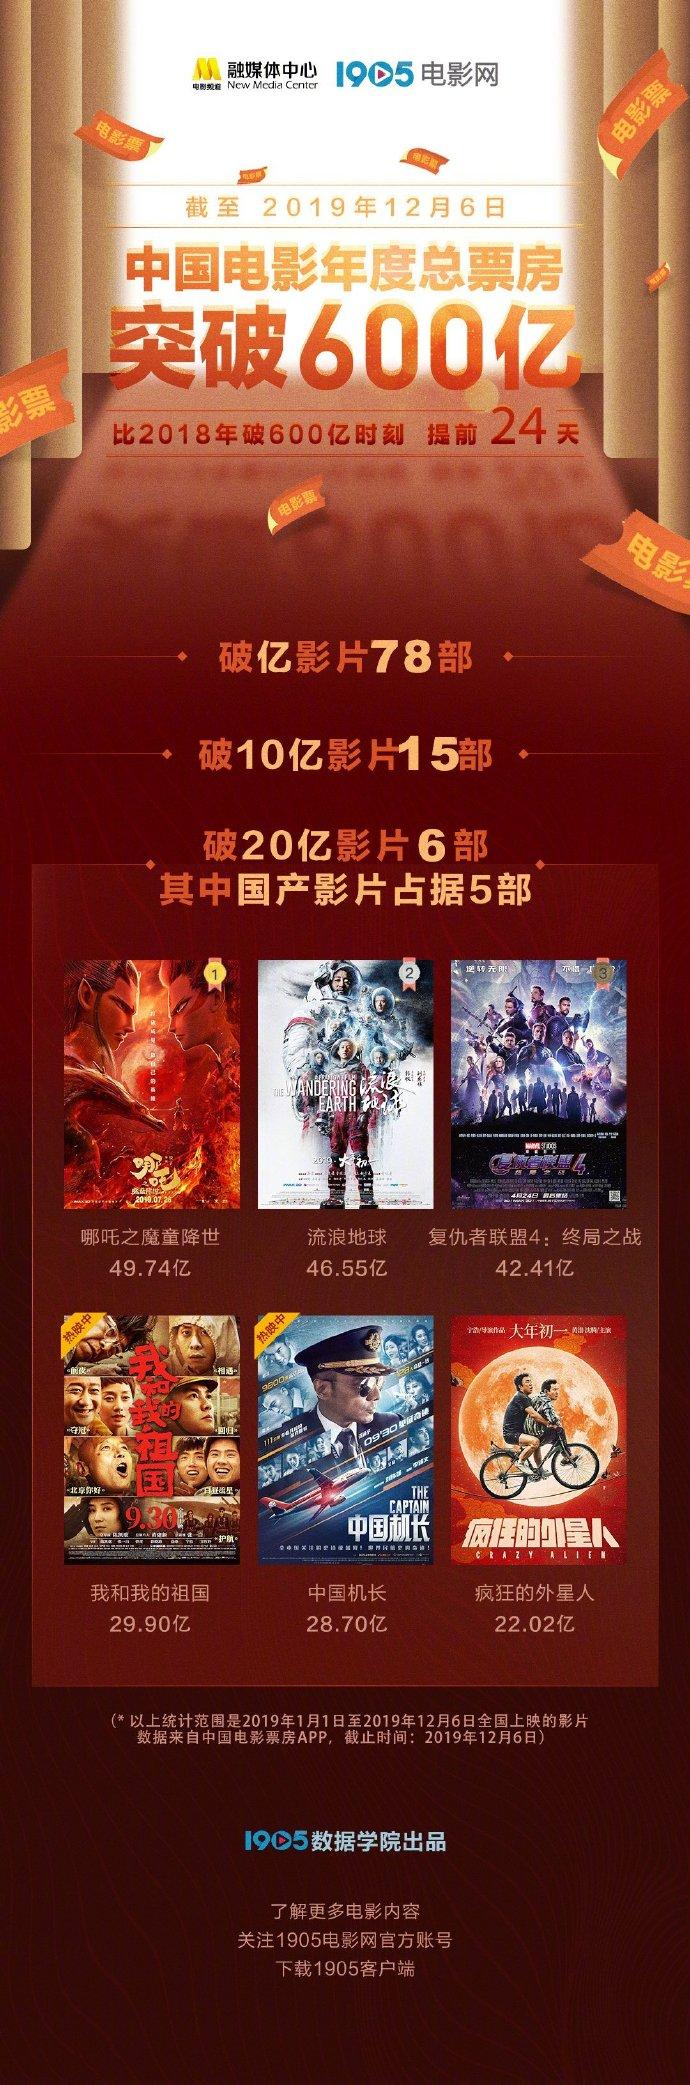 上海日结兼职网_2019年度中国电影票房破600亿 比去年提前24天